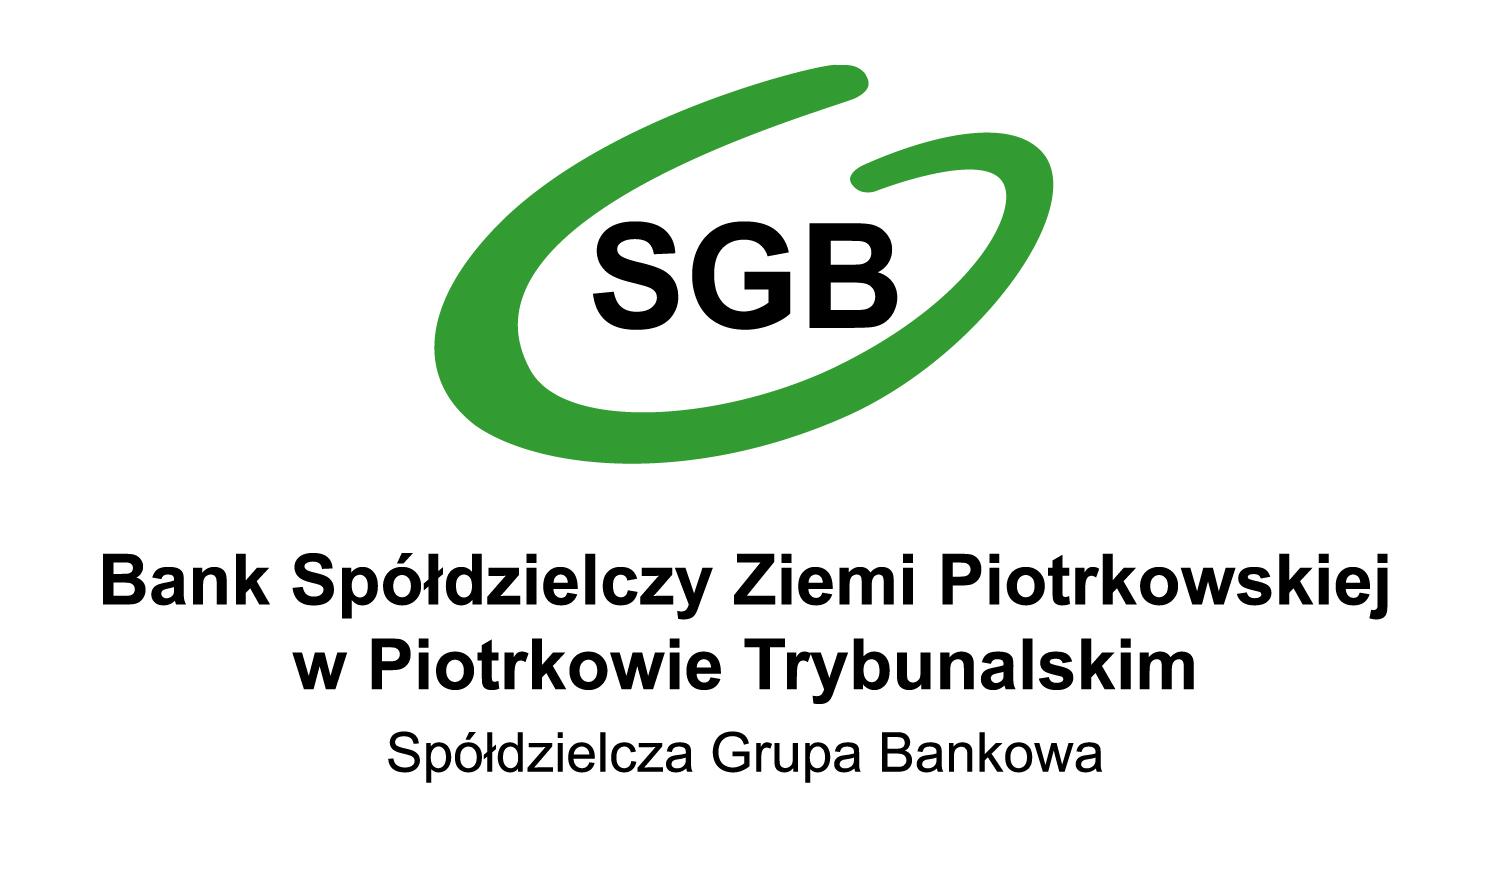 Konta - Bank Spółdzielczy Ziemi Piotrkowskiej